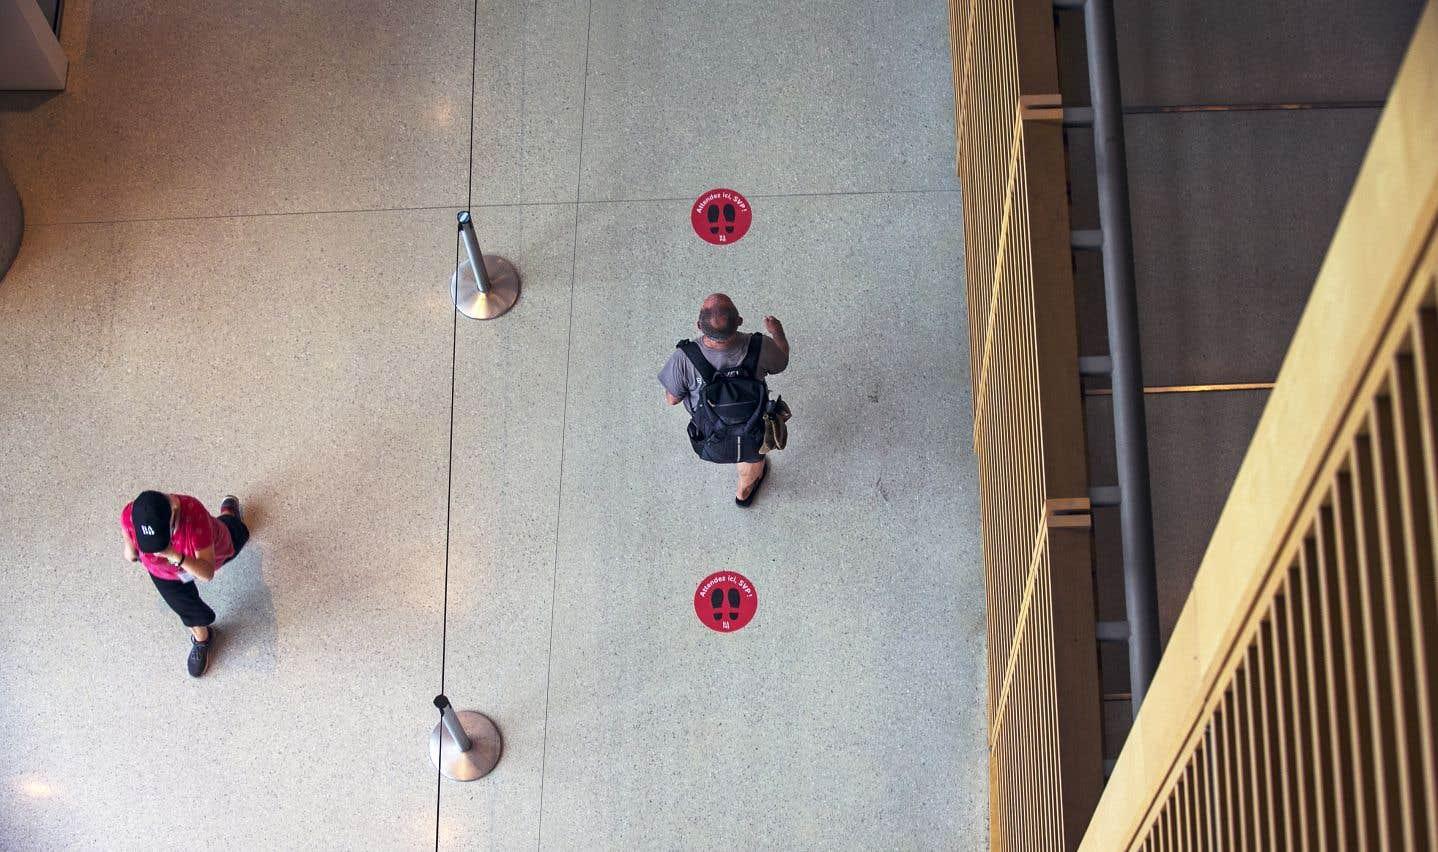 Une nouvelle signalisation indique les distances à maintenir et la direction de la circulation des usagers dans le hall de la Grande Bibliothèque donnant accès au comptoir de prêt.